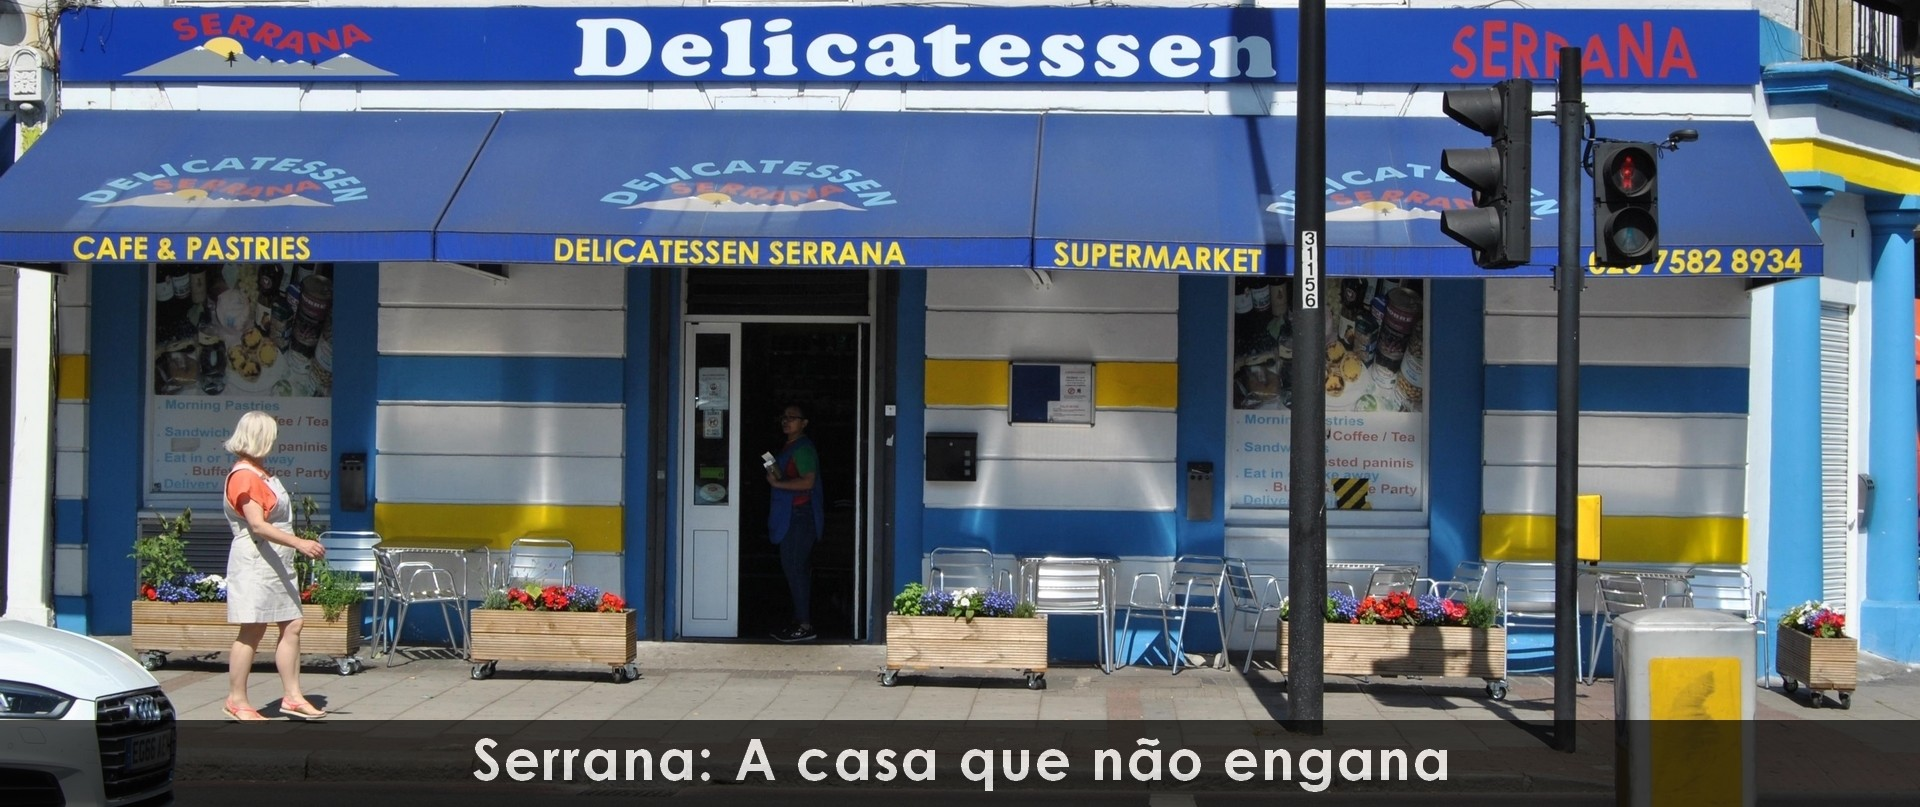 http://www.cantinhodamadeira.pt/cache/resized/de1e888b6457bee383d5791d097d231d.jpg